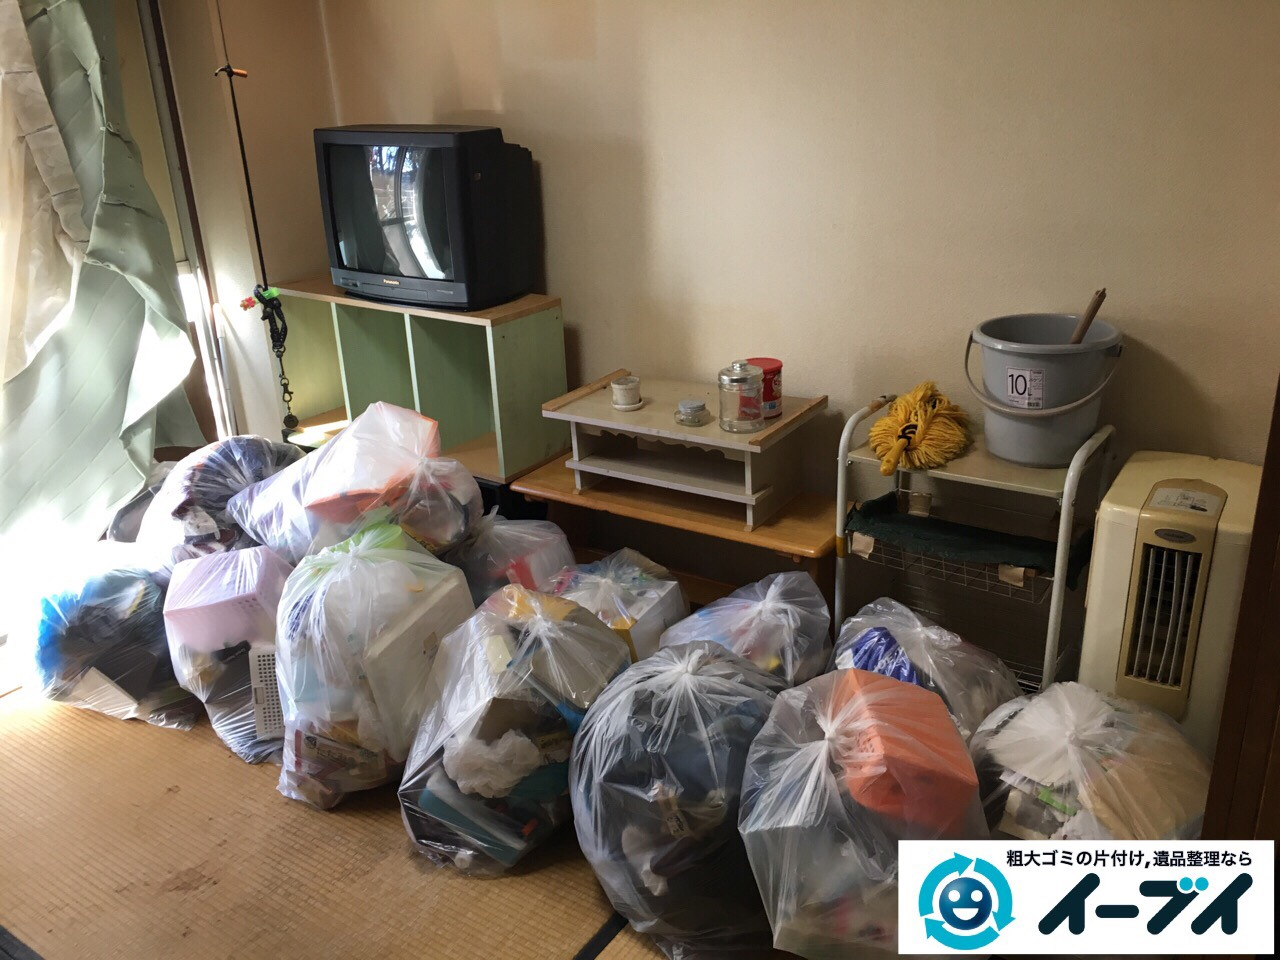 2017年2月21日大阪府守口市で遺品整理に伴い家具処分や生活ゴミの片付けをしました。写真6